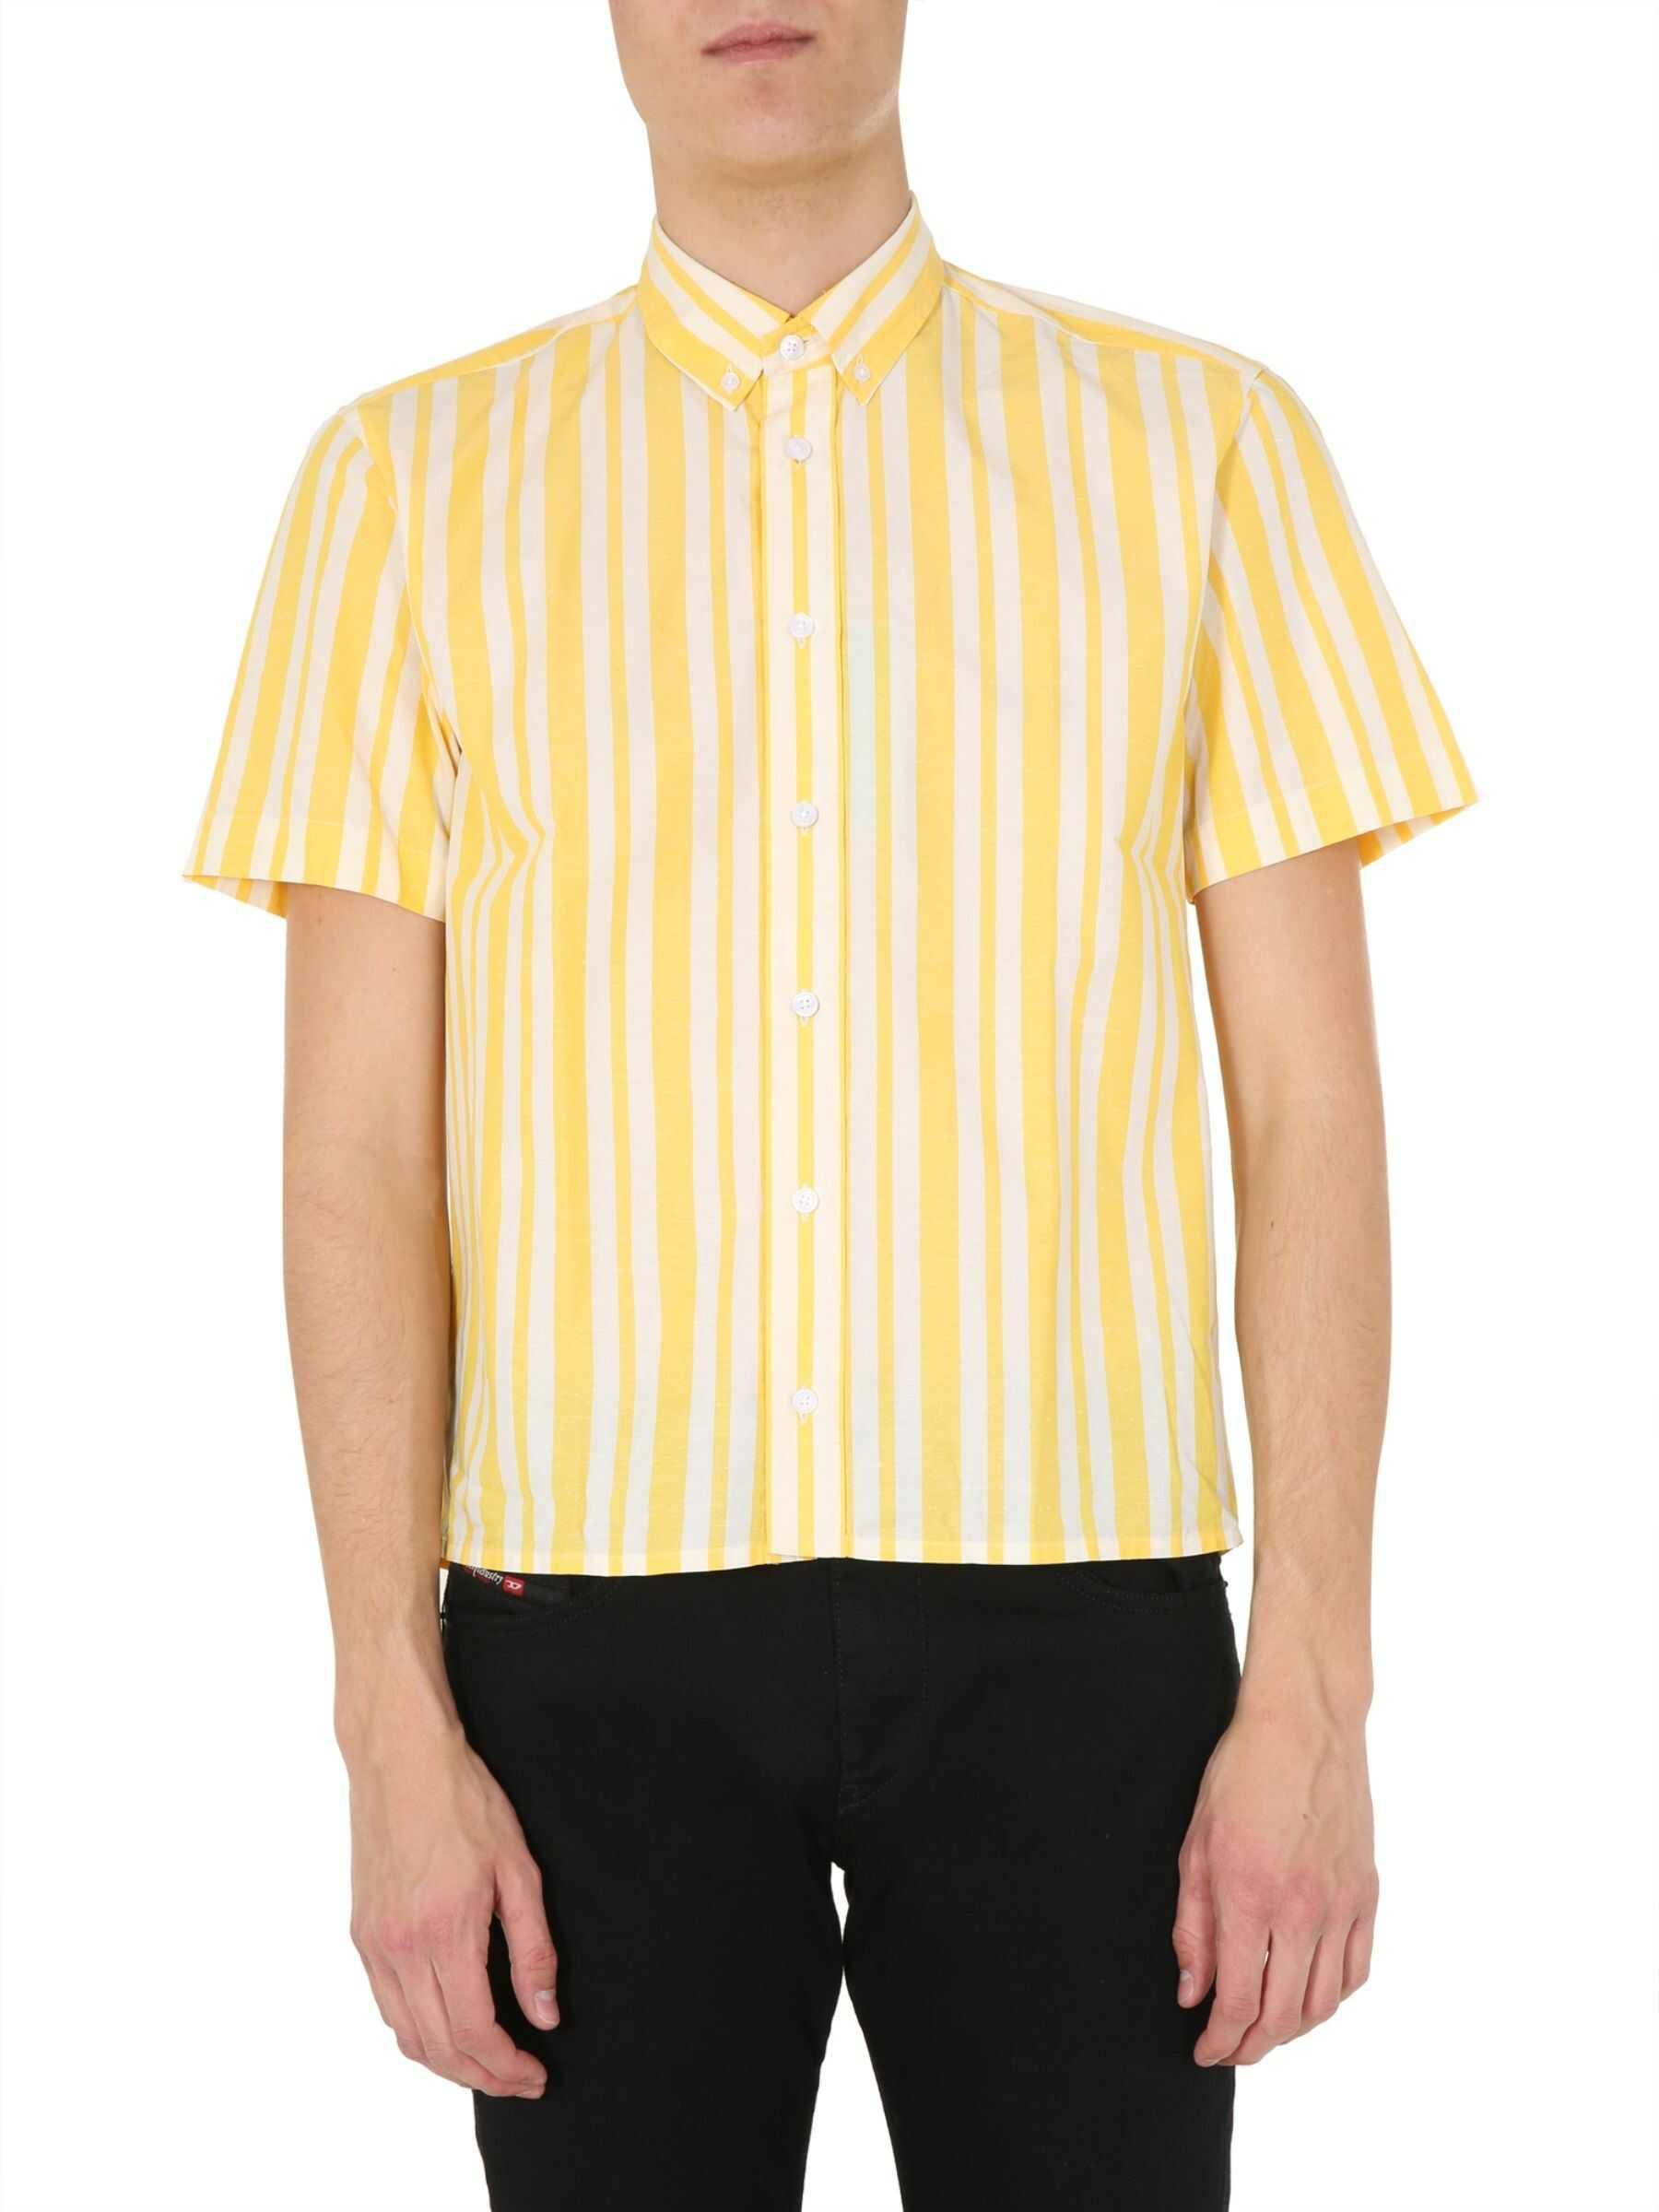 Kenzo Short Sleeve Shirt YELLOW